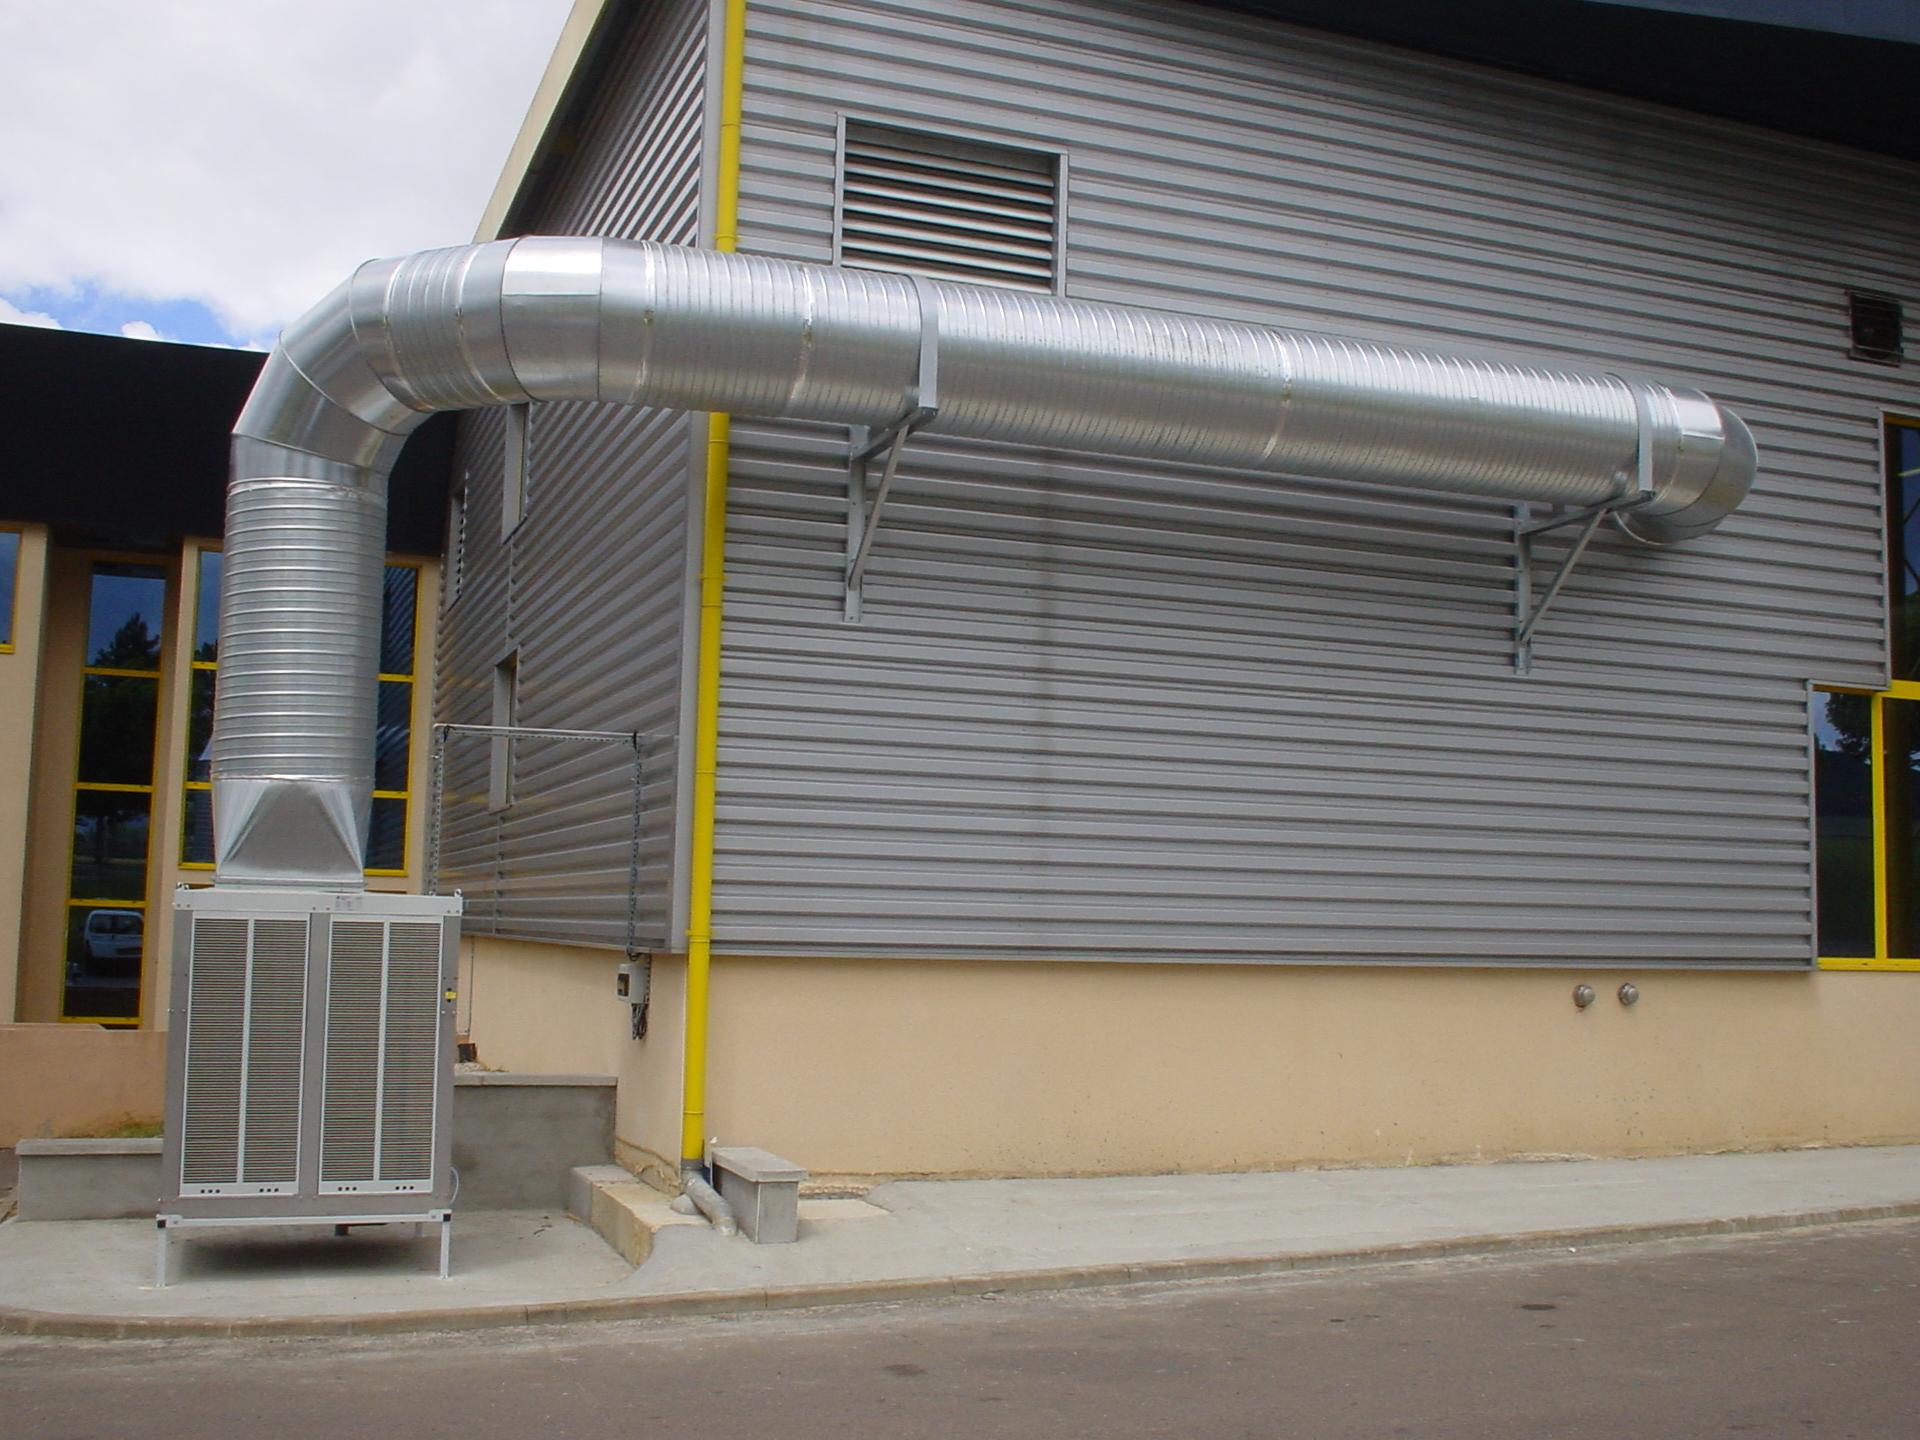 Climatiseur_en_milieu_industriel